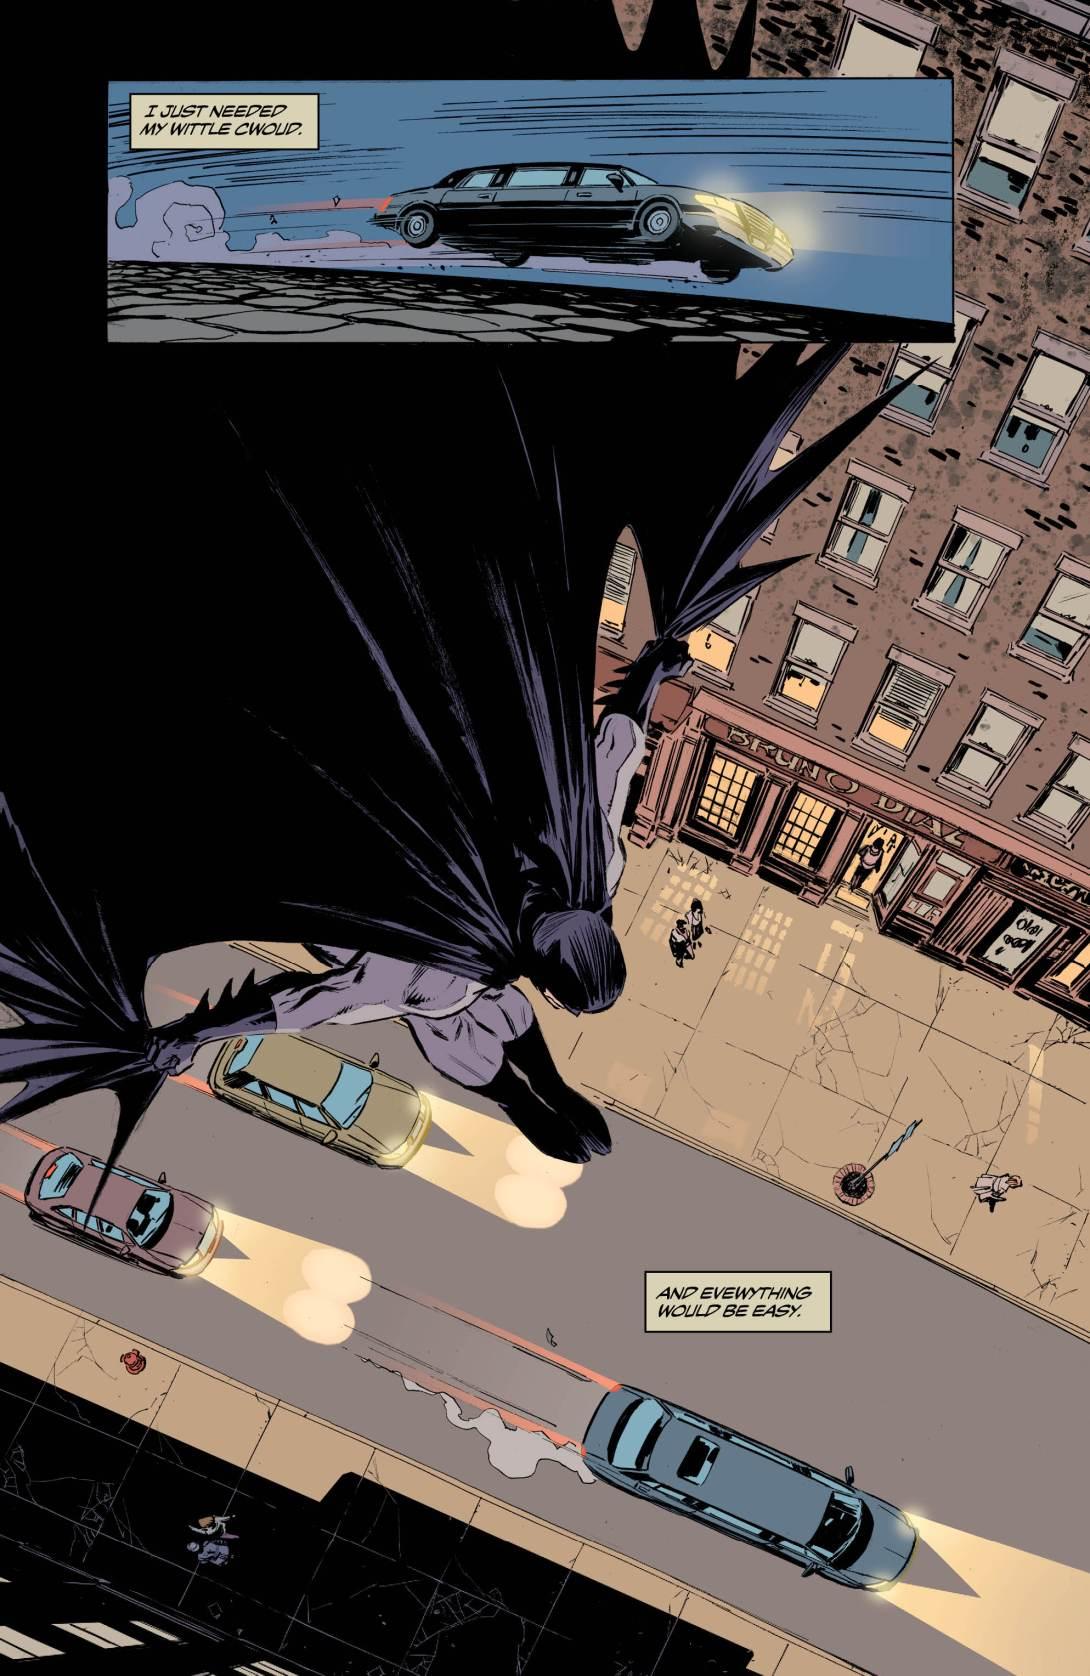 Batman Elmer Fudd 4 - DC Comics News